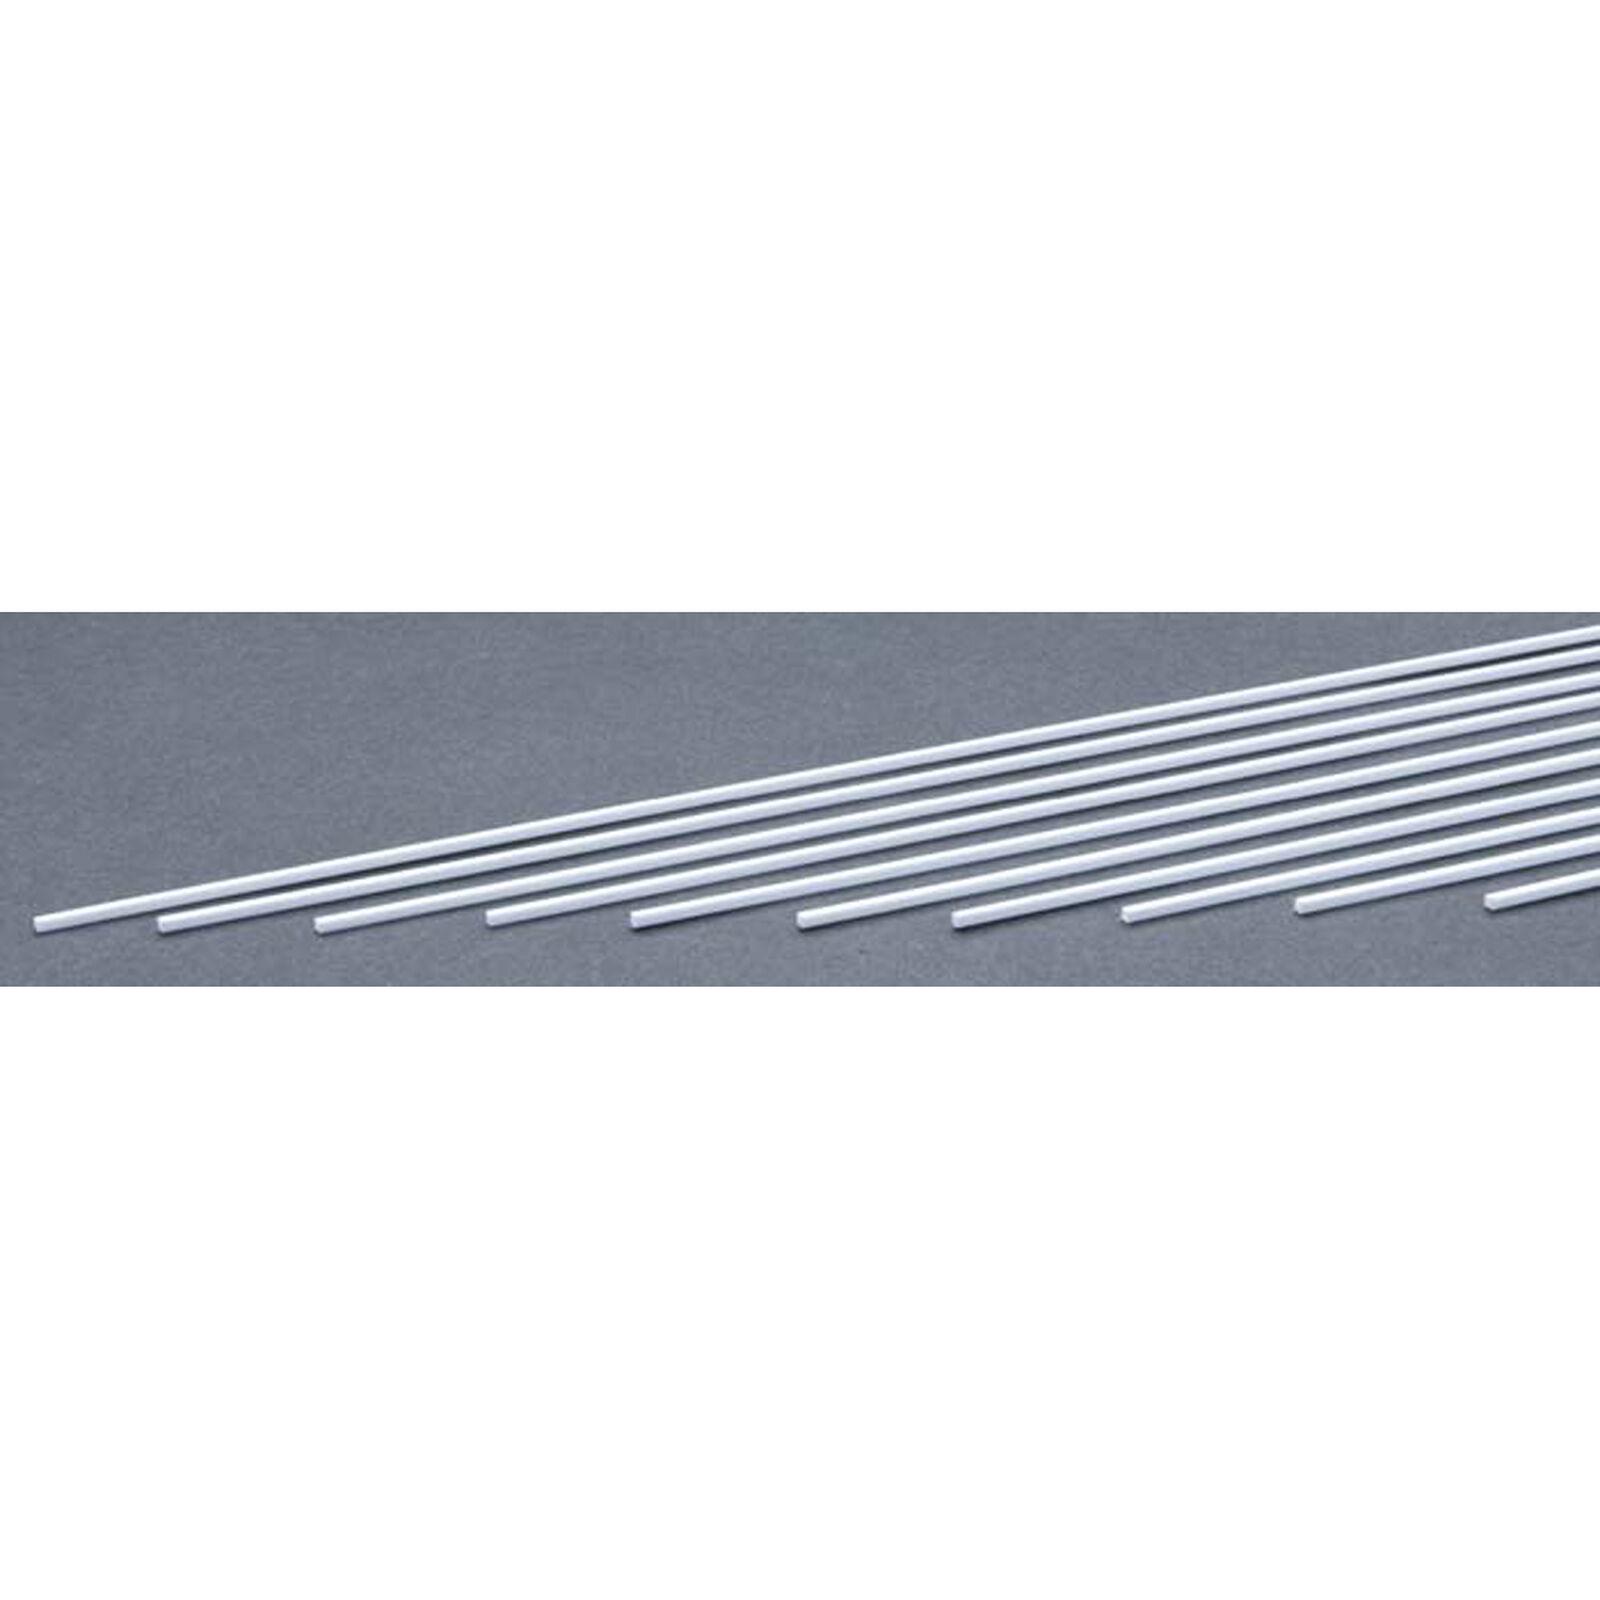 Strip .060 x .060 (10)